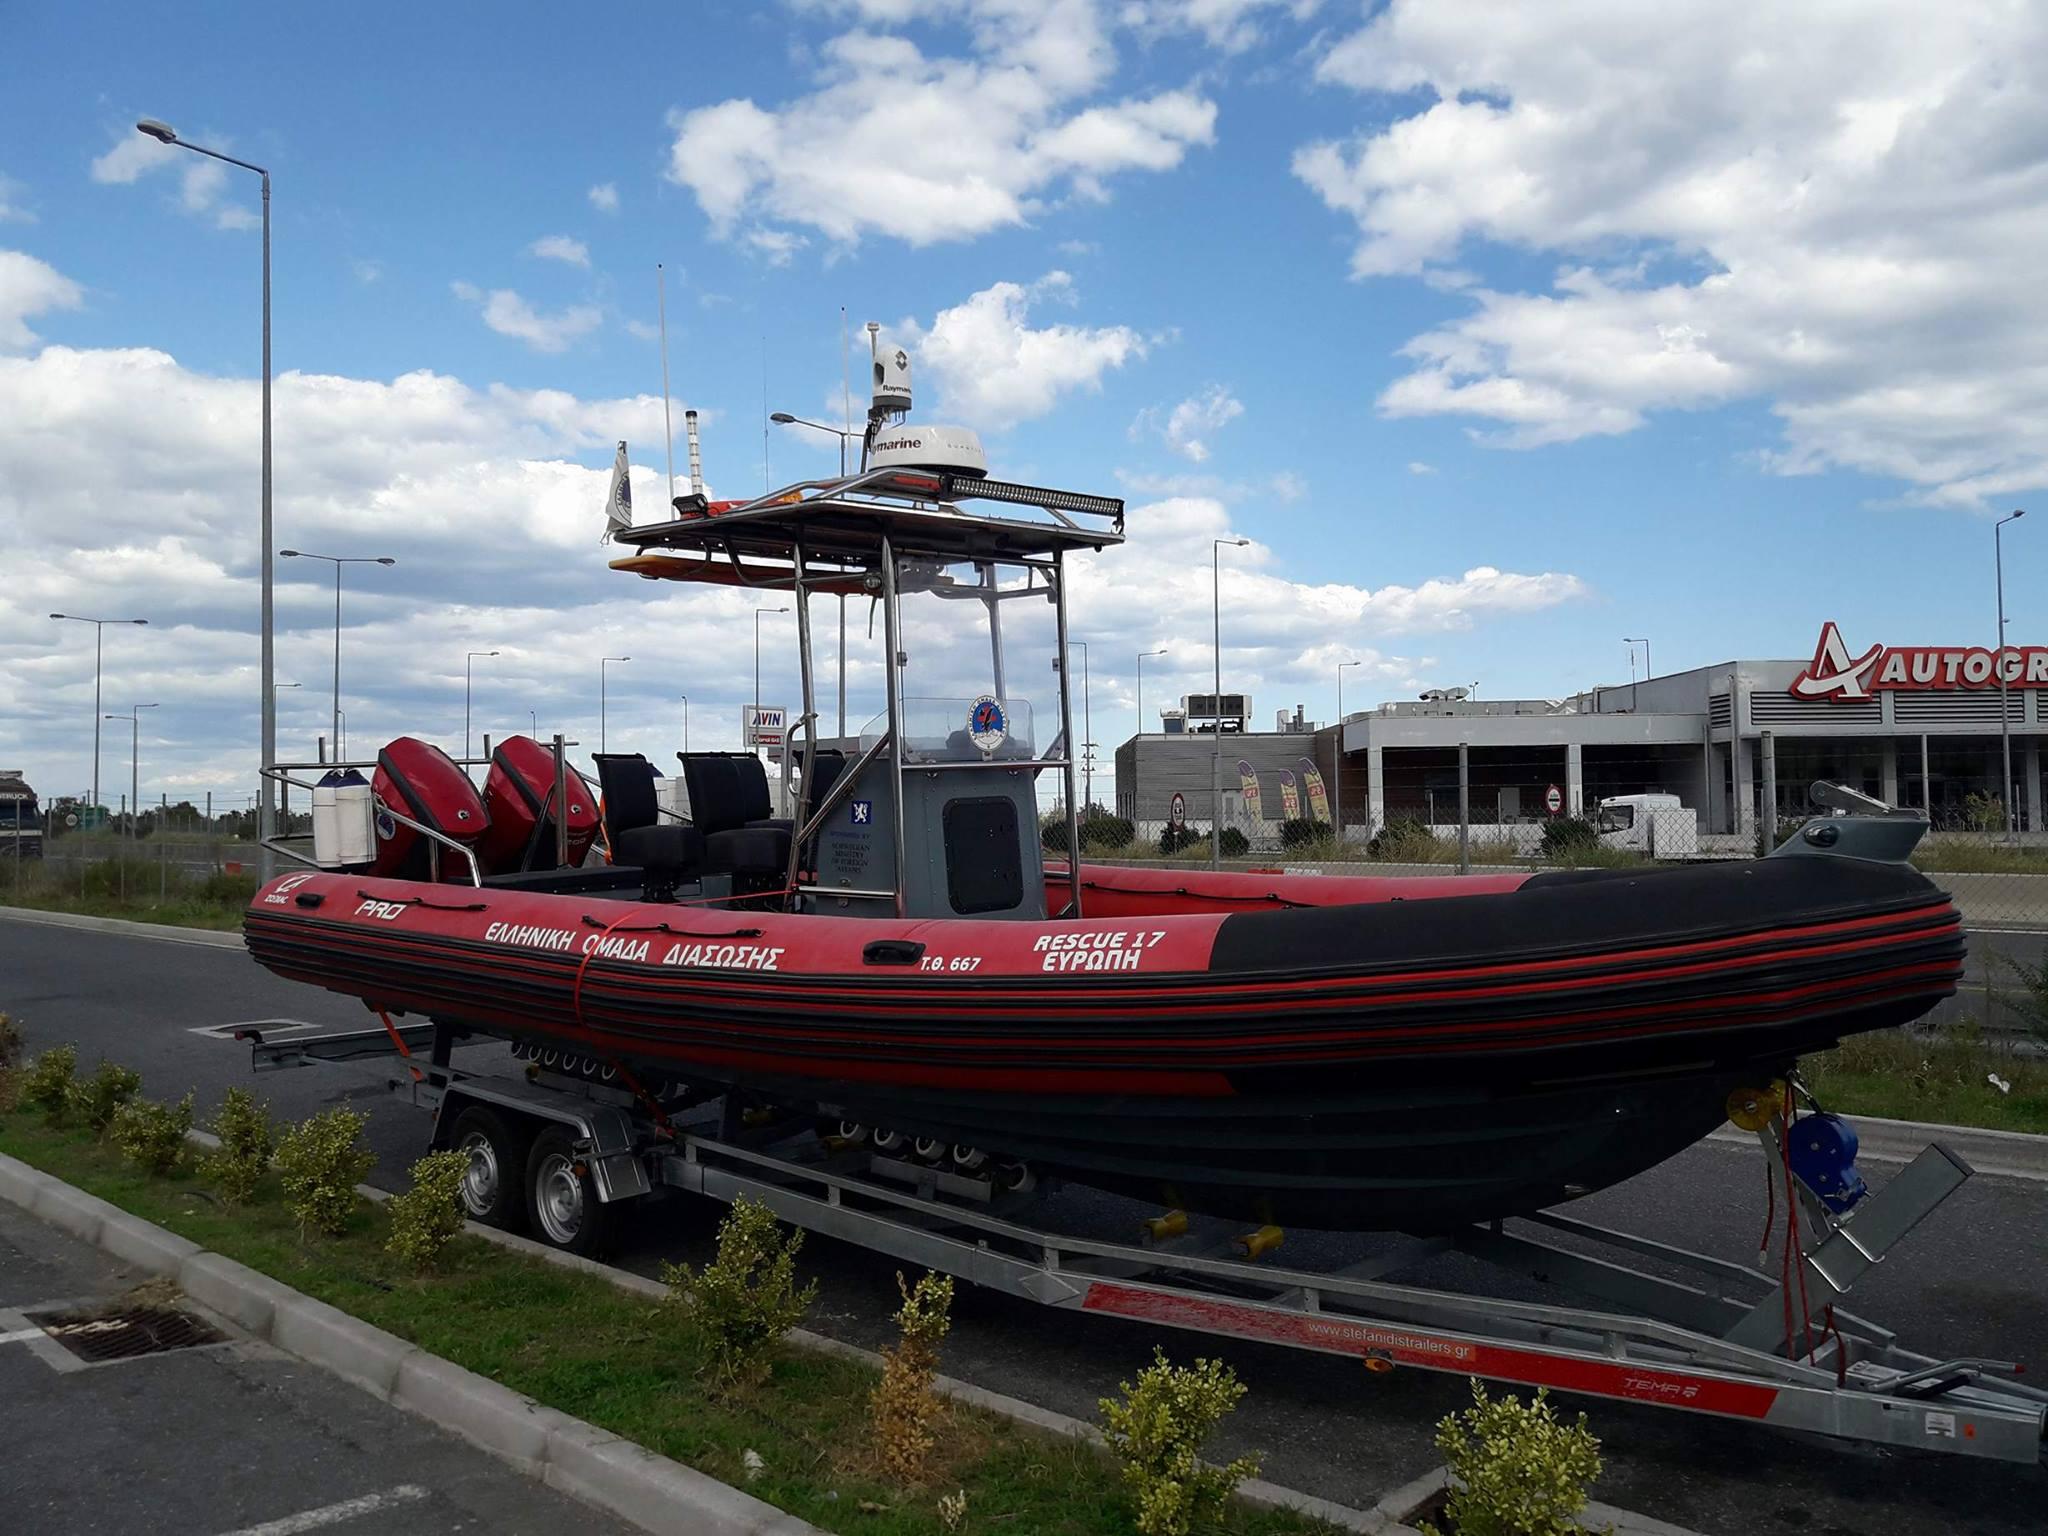 Ερχεται το «Ευρώπη» στο Ηράκλειο- Ενα νέο υπερσύγχρονο διασωστικό σκάφος στην υπηρεσία των πολιτών